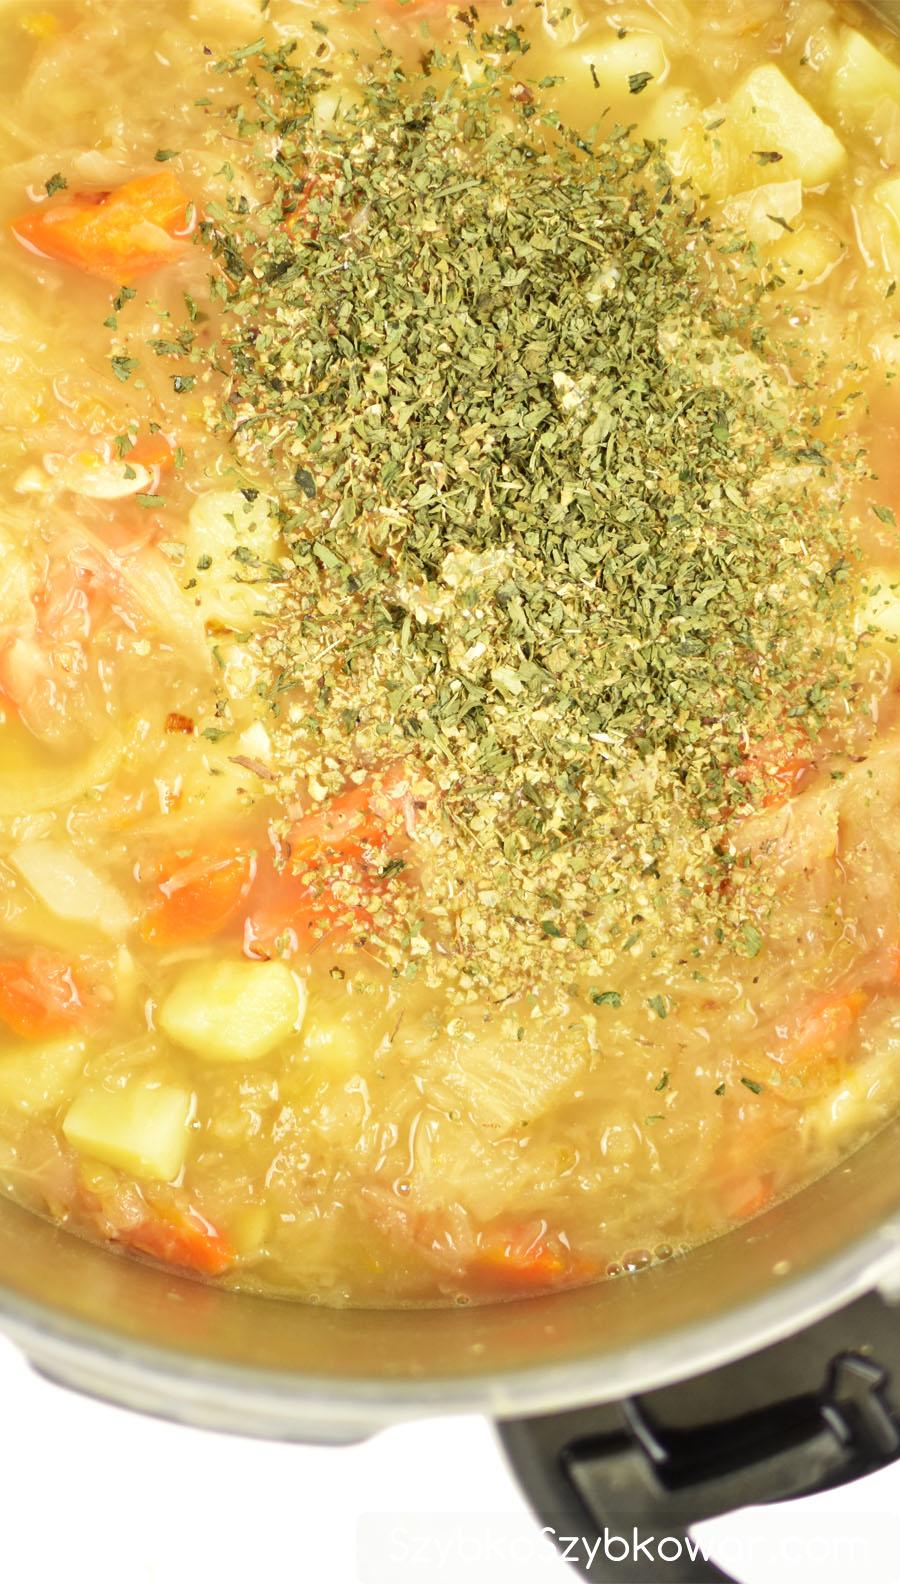 W ostatnim etapie wlej wywar tymiankowy i doda przyprawy. W razie potrzeby dosól zupę i dolej kwas odciśnięty z kapusty.